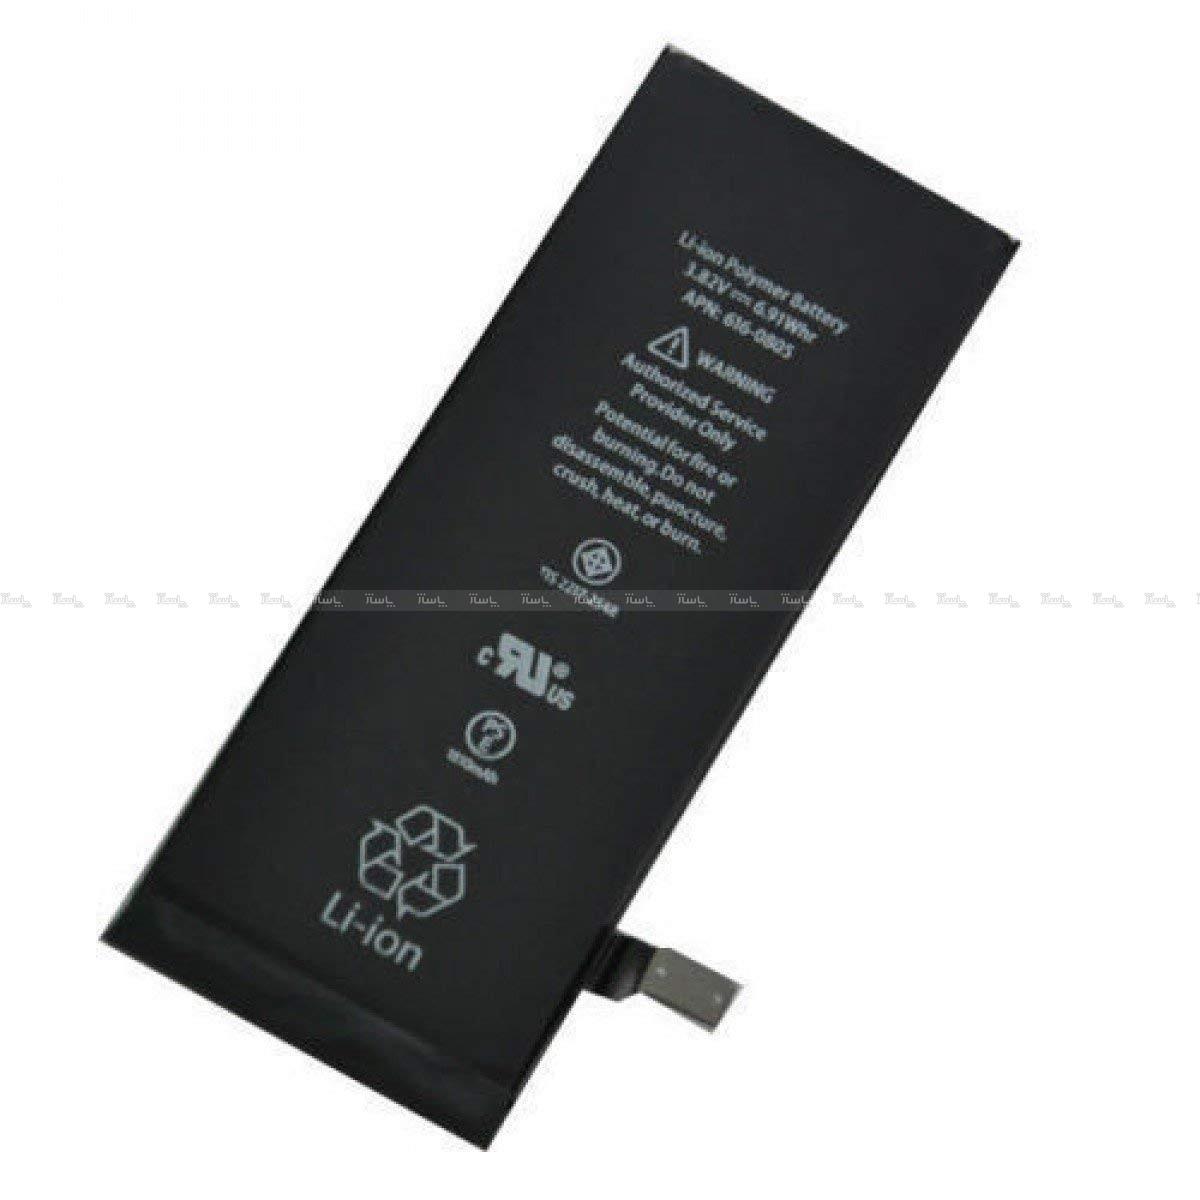 باتری صد در صد اورجینال اپل استوری Iphone 6-تصویر اصلی